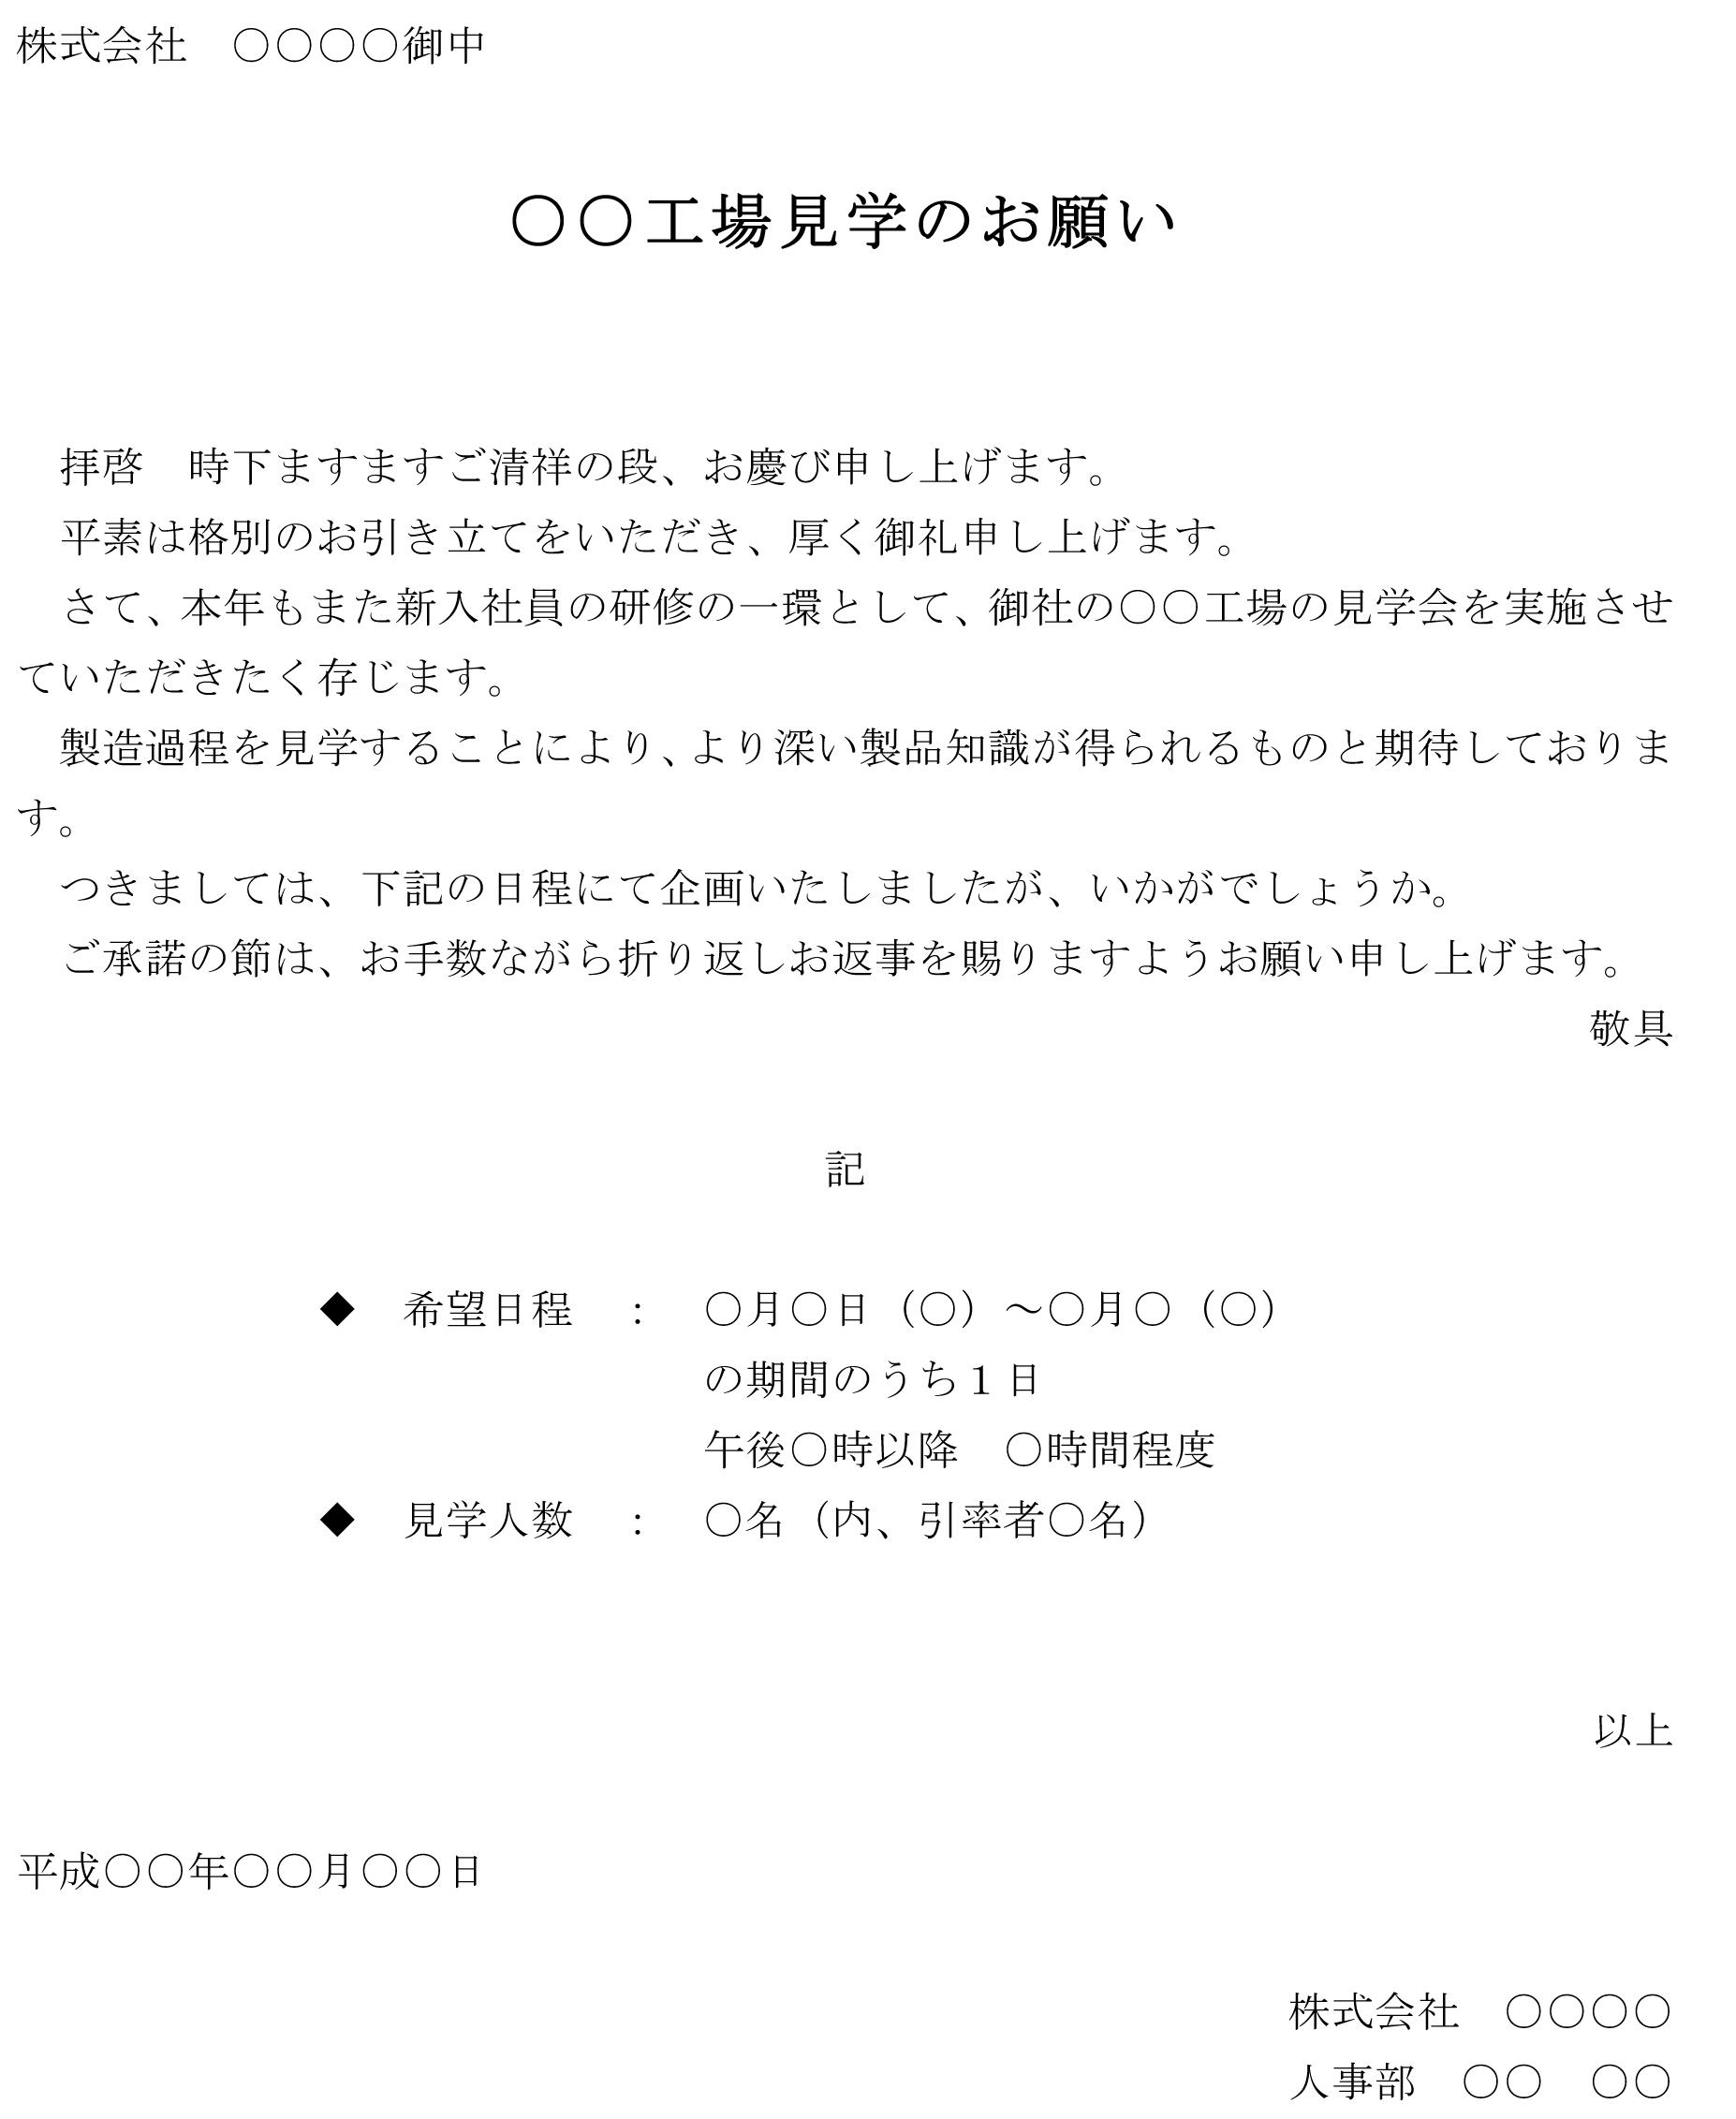 依頼状(工場見学)